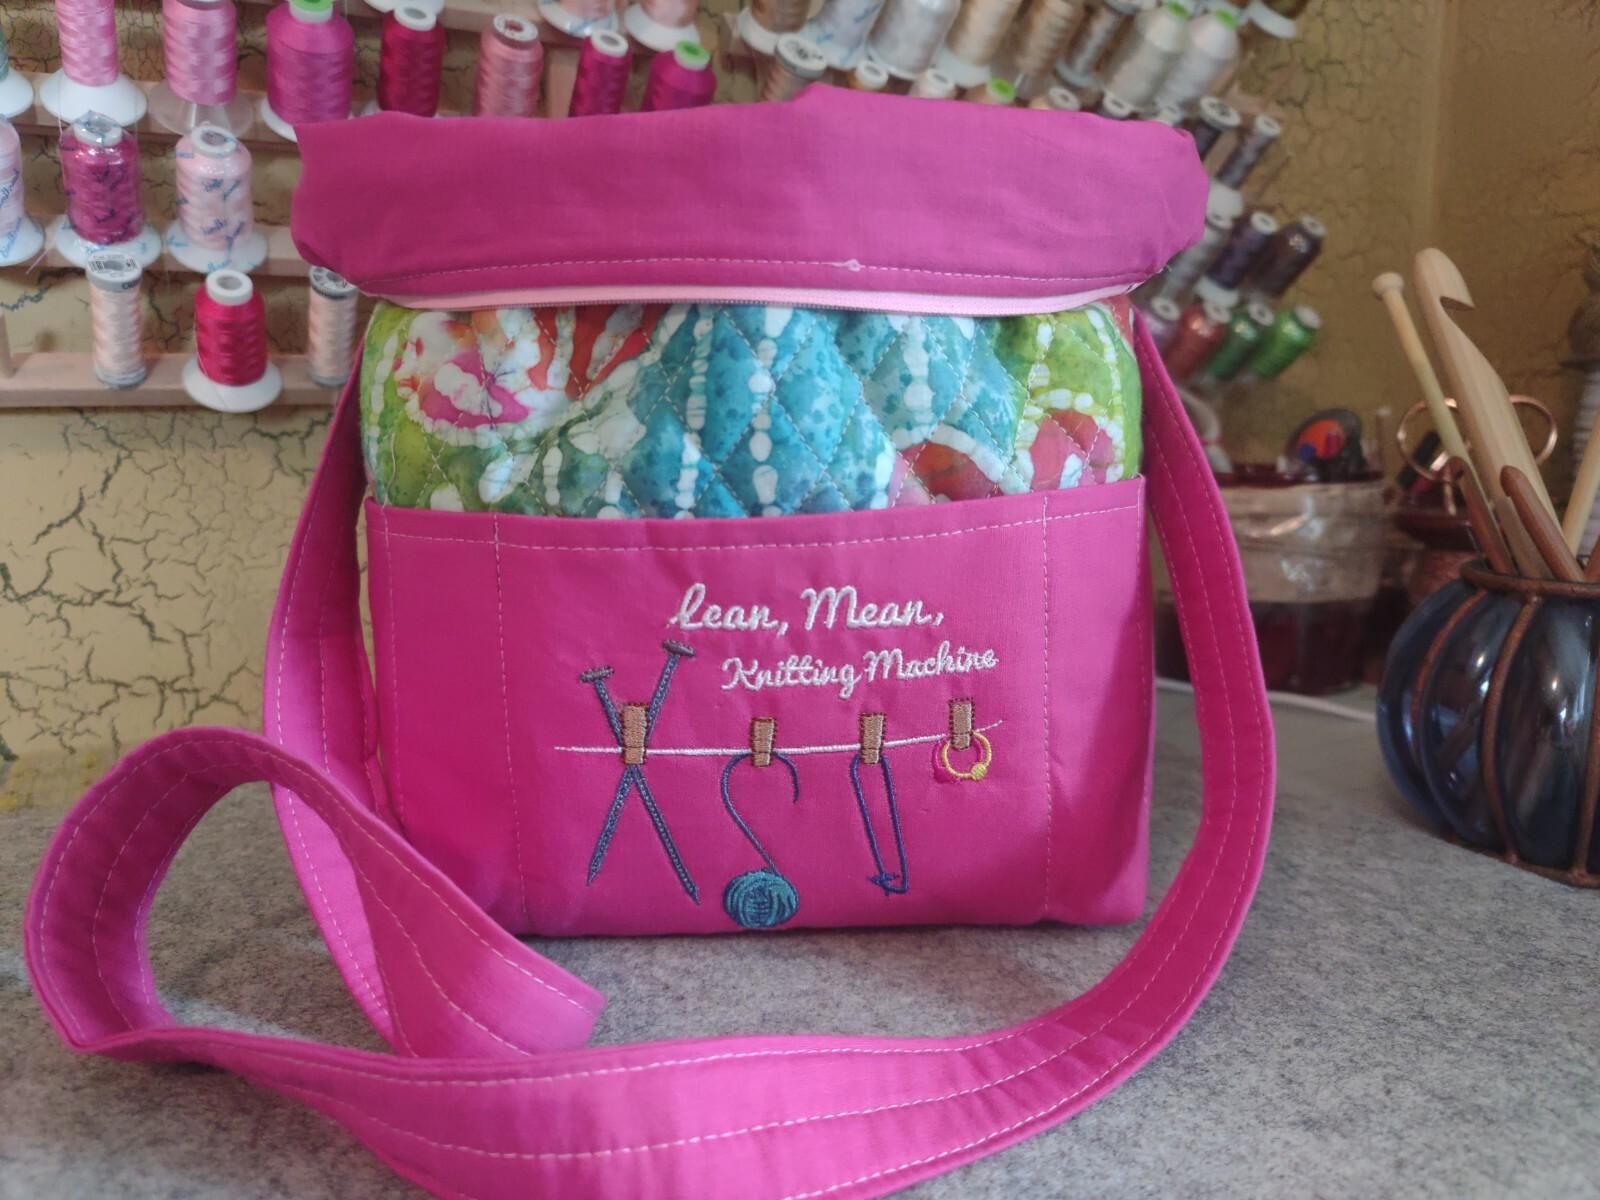 Lean Mean Knitting Machine